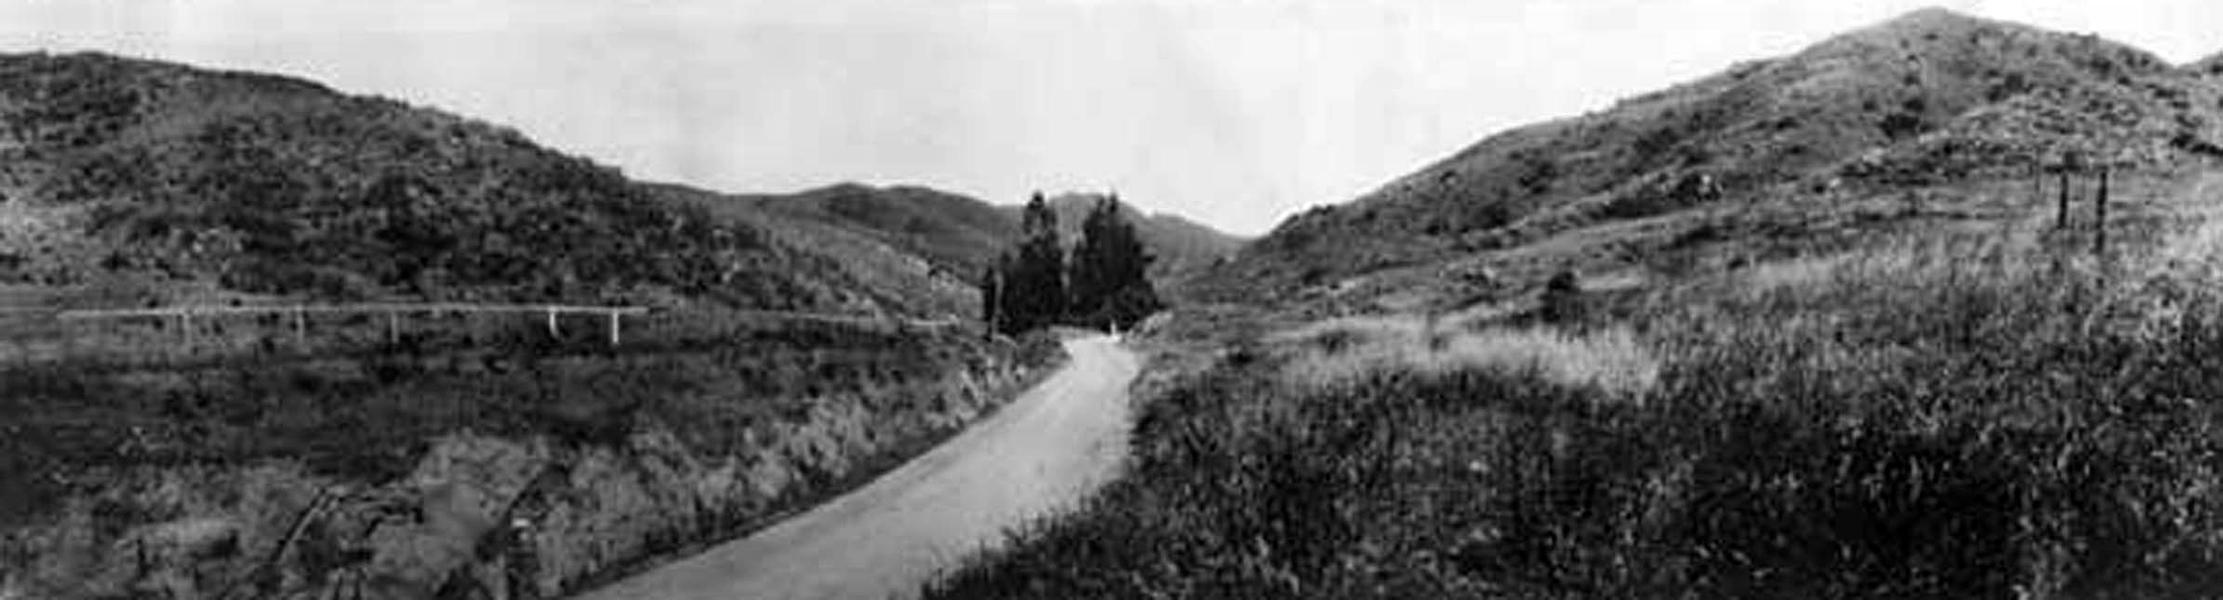 Cahuenga Pass 1890